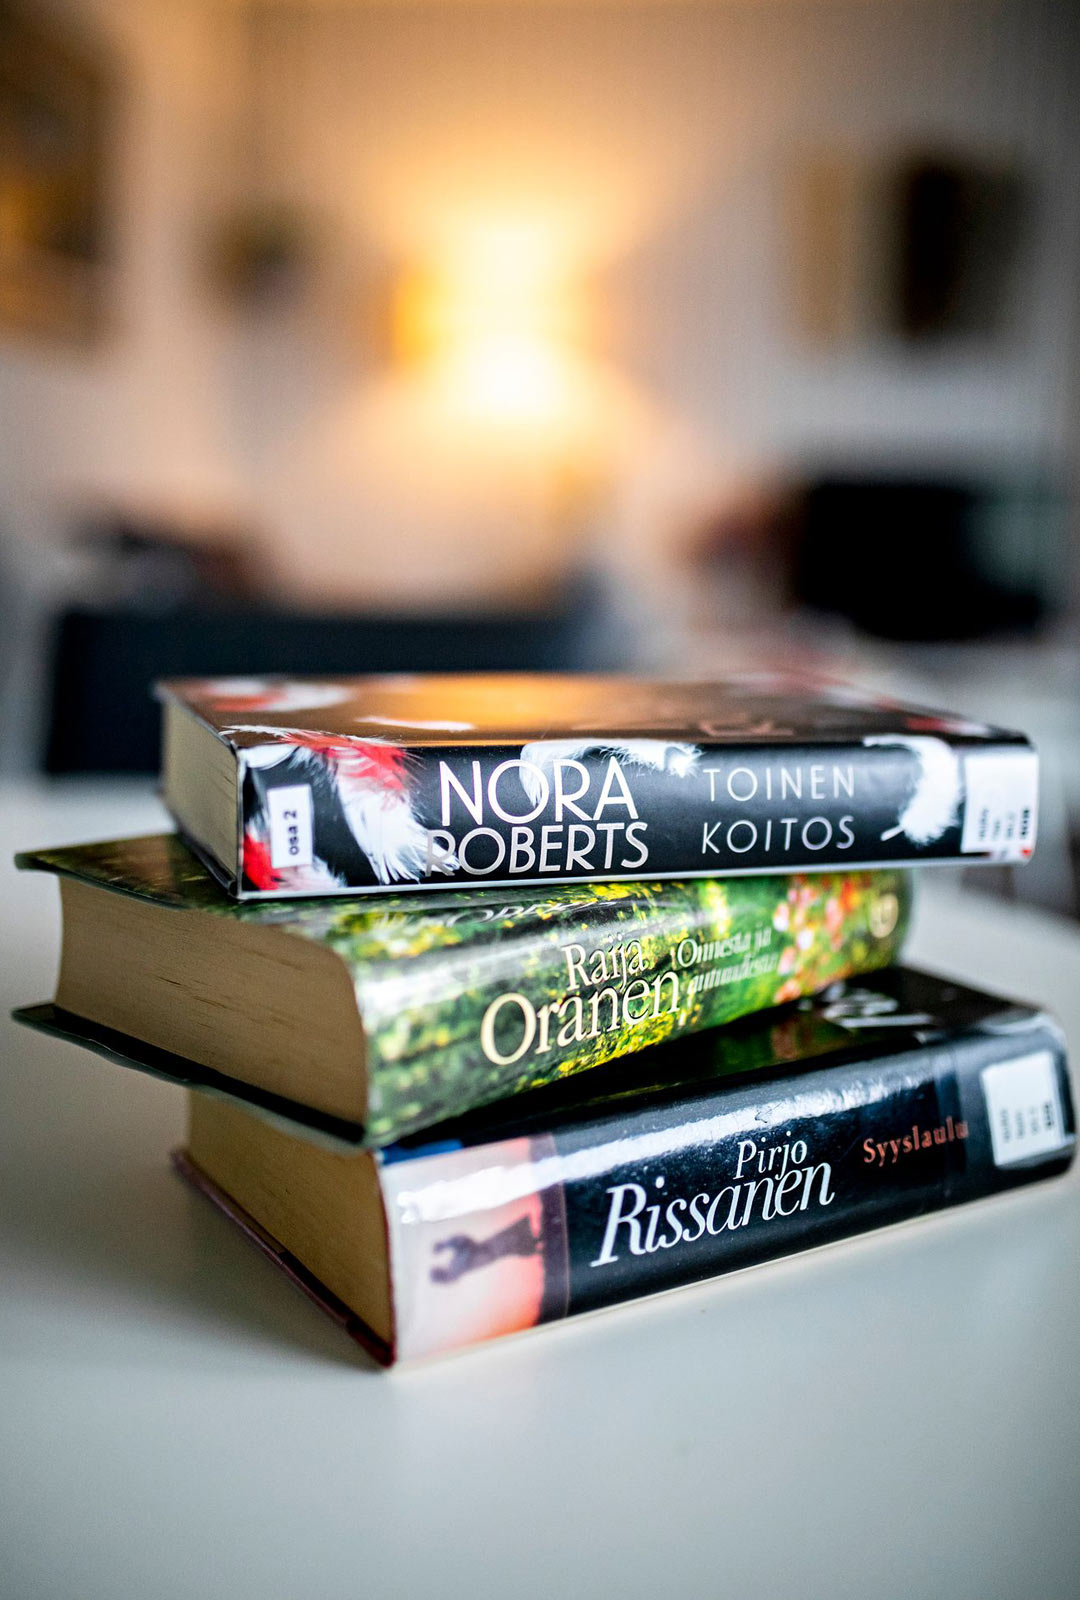 """""""Luen joka päivä, koska on mielenkiintoista ajatella kirjojen tapahtumia."""""""